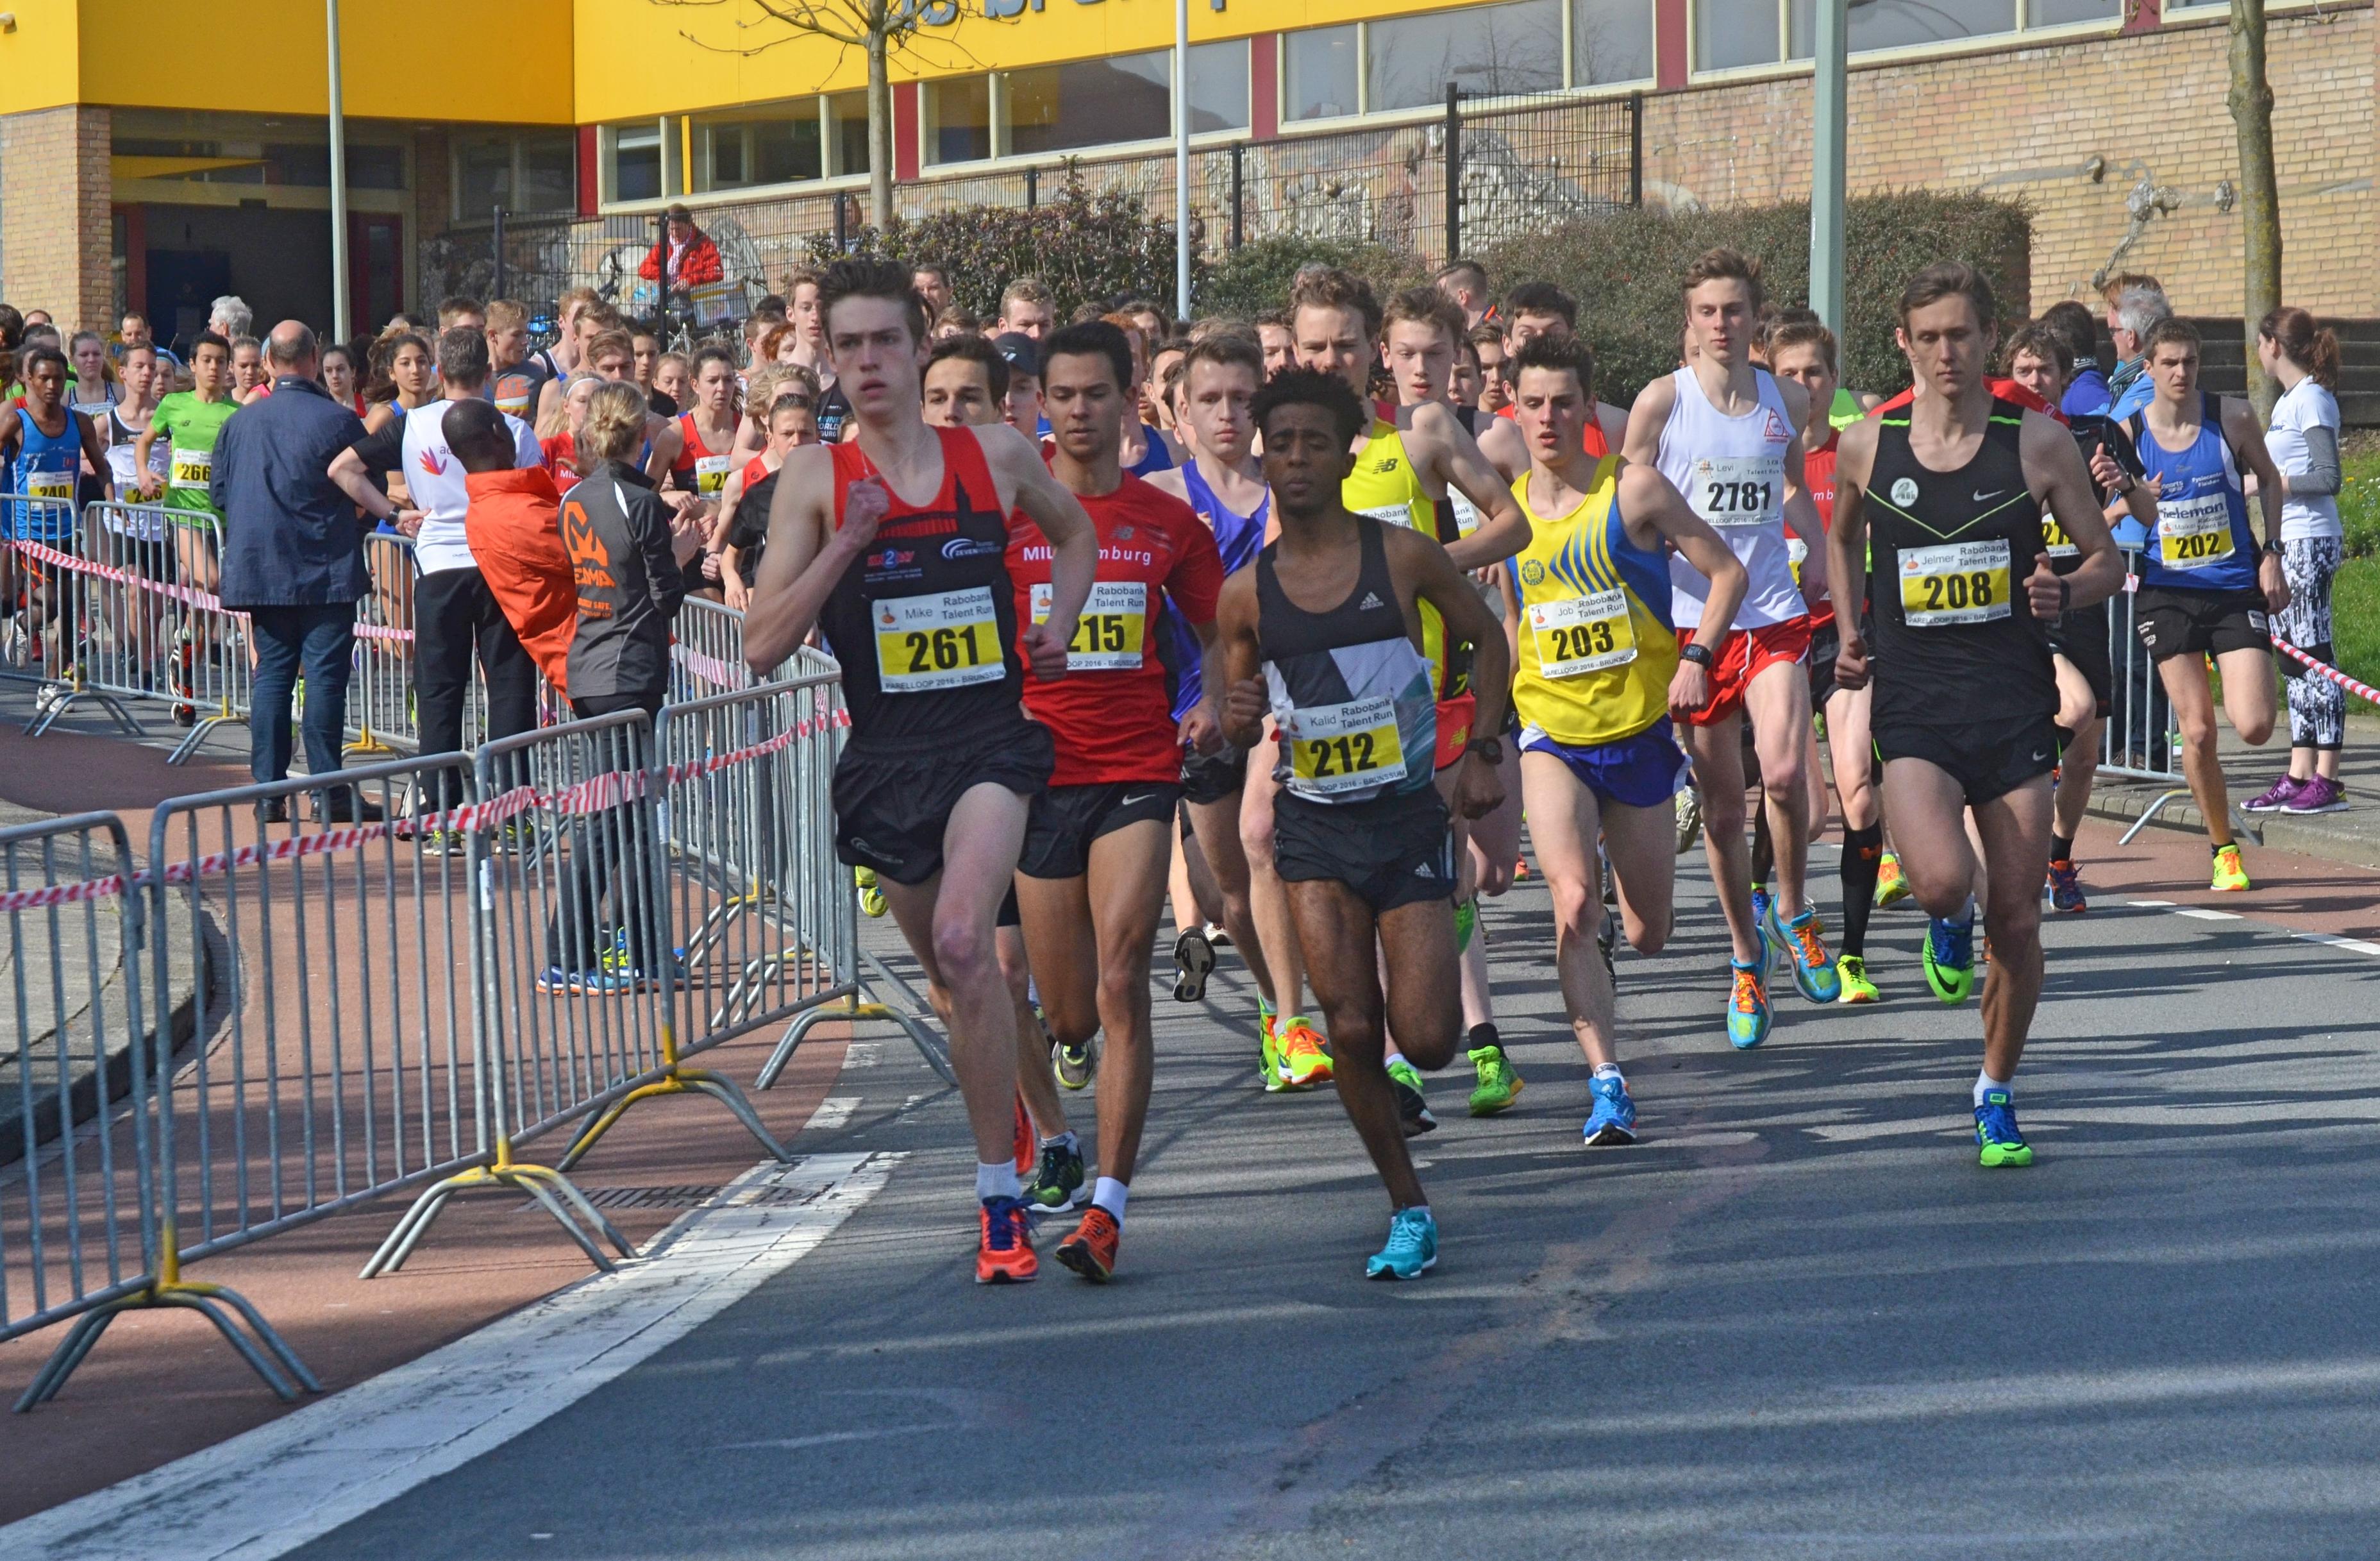 Honderd meter na de start is Ralph, paars shirt – gele schoenen, al vooraan in het veld te vinden.